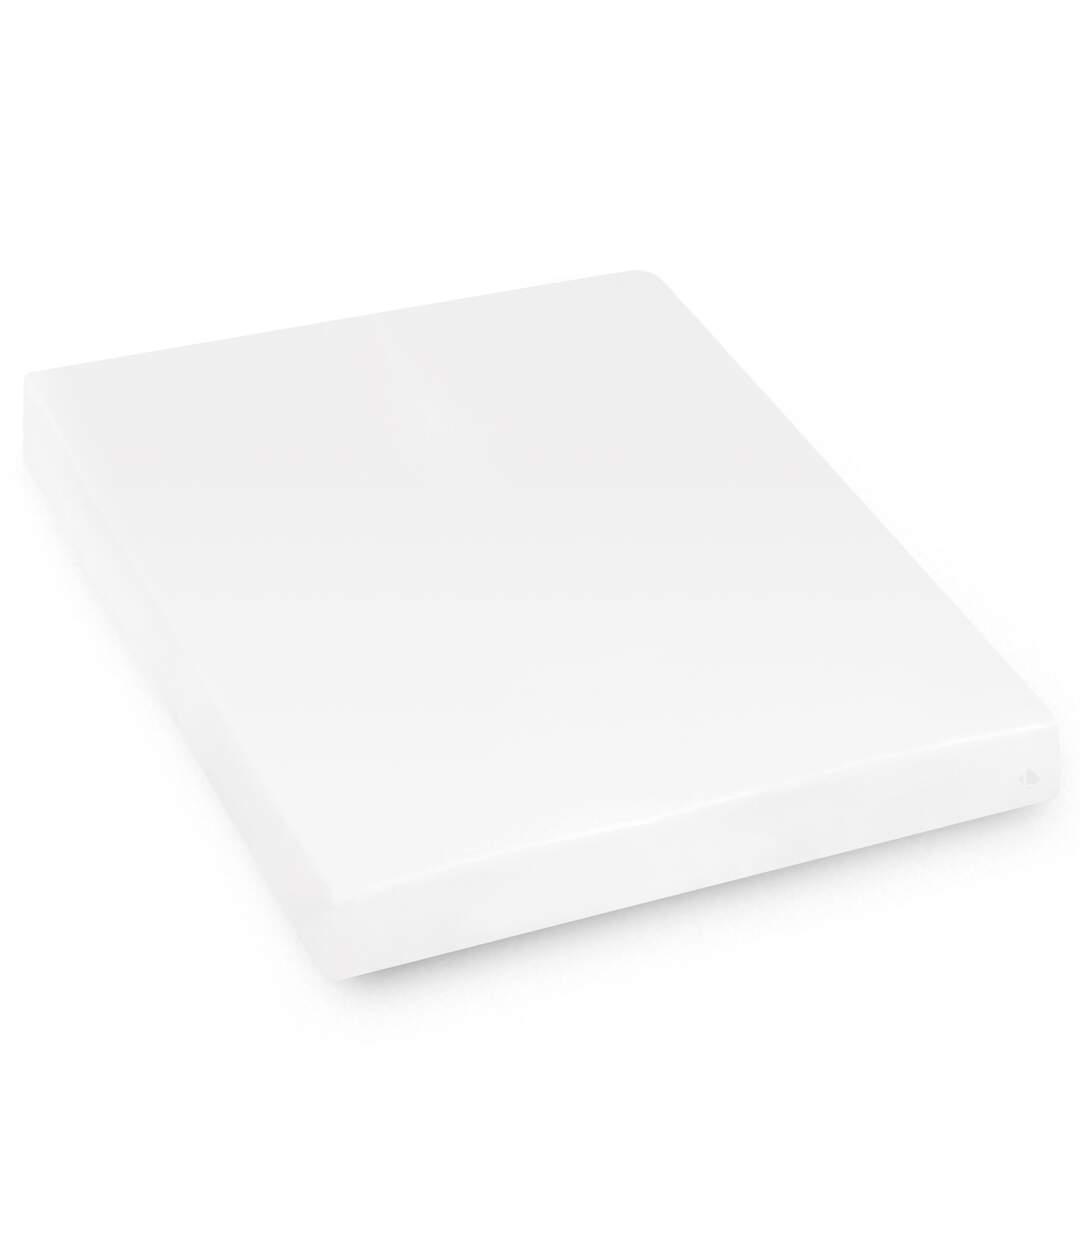 Protège matelas imperméable 180x220 cm bonnet 23cm ARNON molleton 100% coton contrecollé polyuréthane